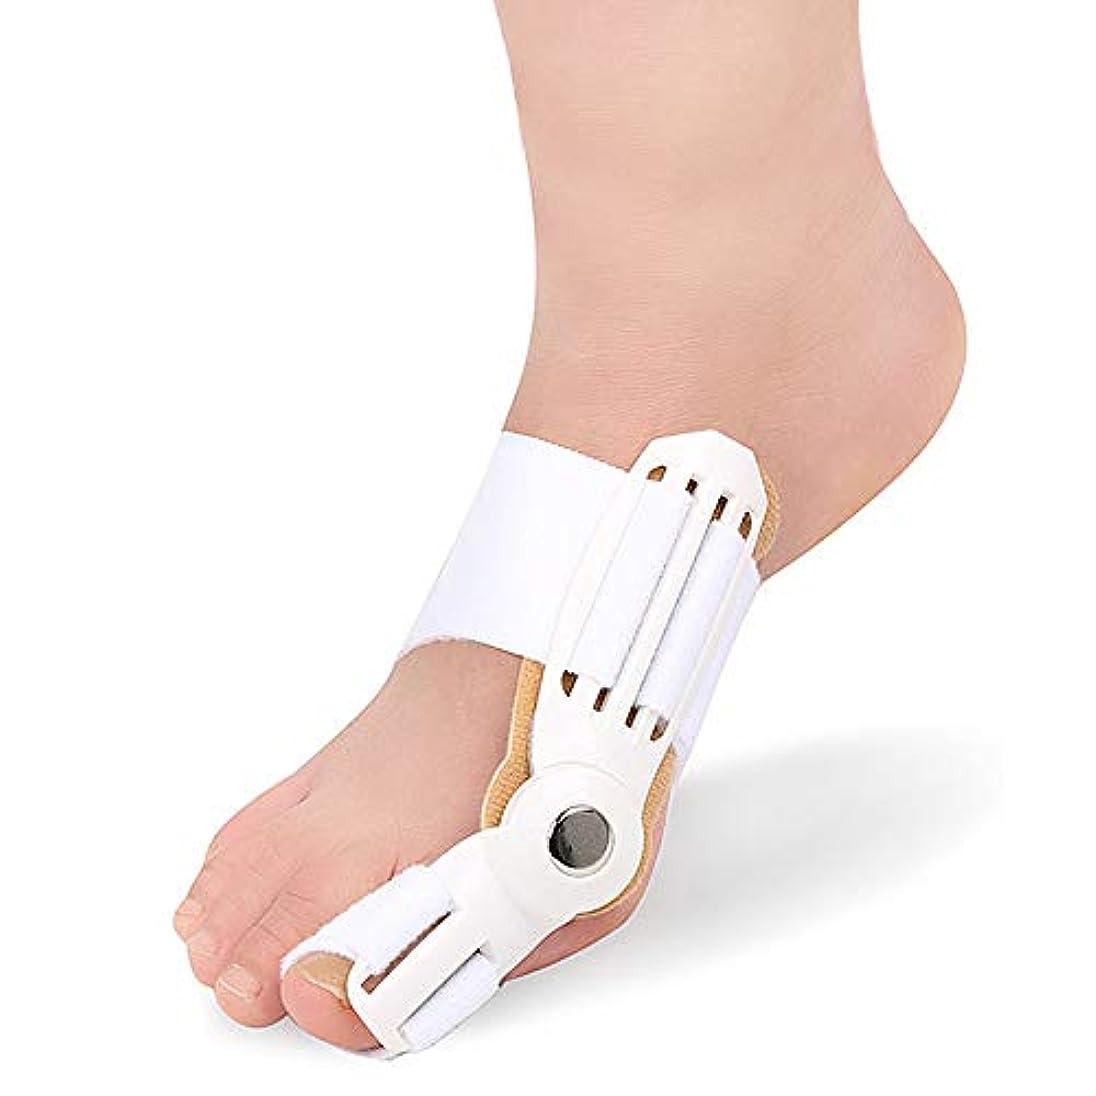 不毛合法観察するつま先セパレーターは、ヨガのエクササイズ後のつま先重なりの腱板ユニバーサル左右ワンサイズ予防の痛みと変形を防ぎます,白